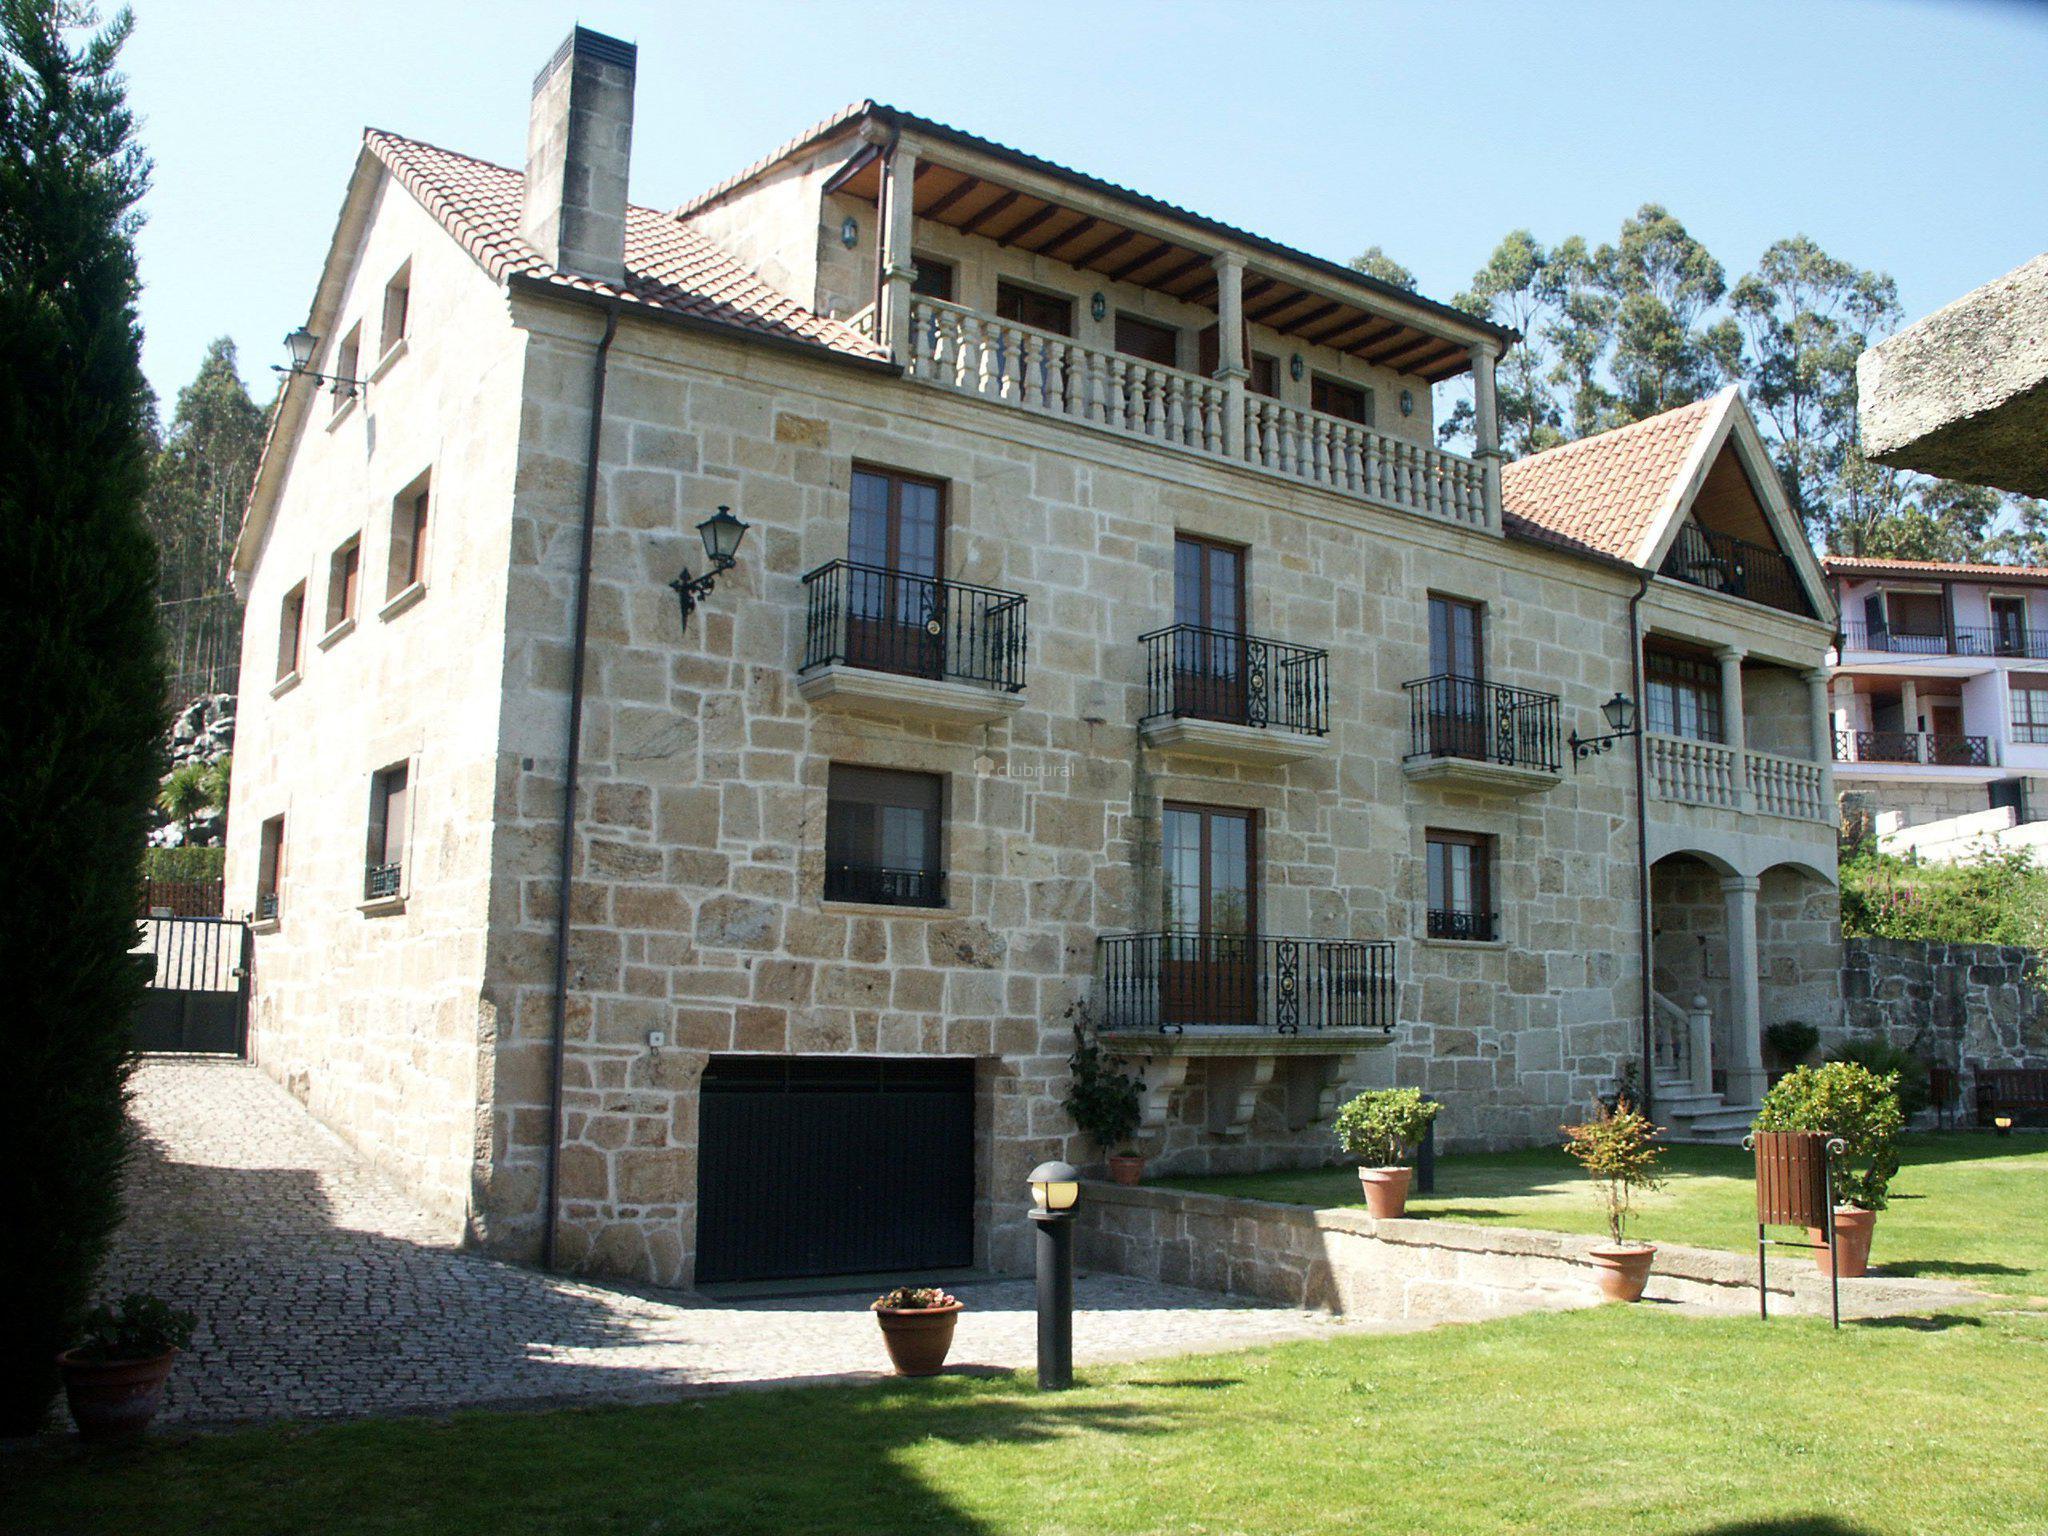 Fotos de a casa antiga do monte a coru a padron - Casa a coruna ...